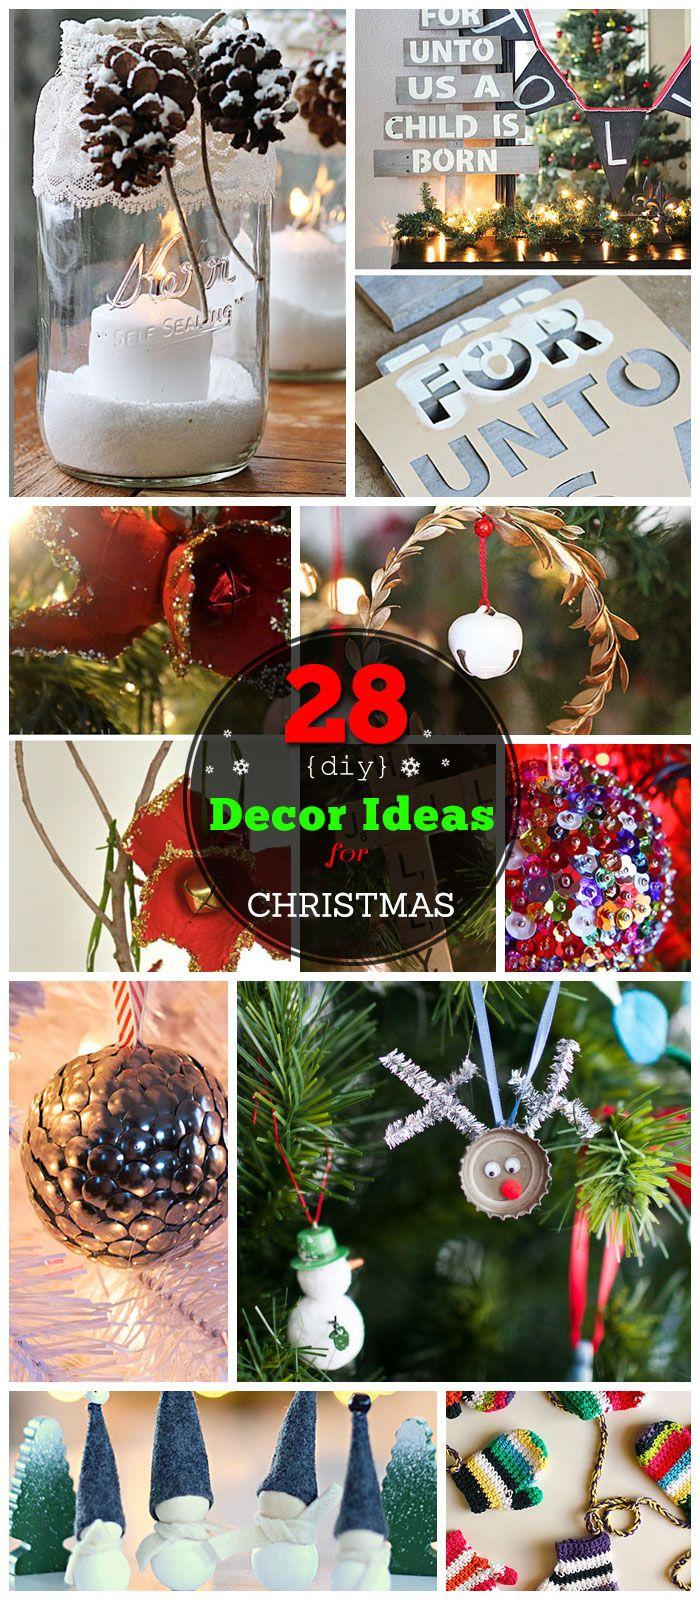 28 Diy Christmas Decor Ideas On A Budget Easy Christmas Diy Christmas Gift Decorations Christmas Decor Diy